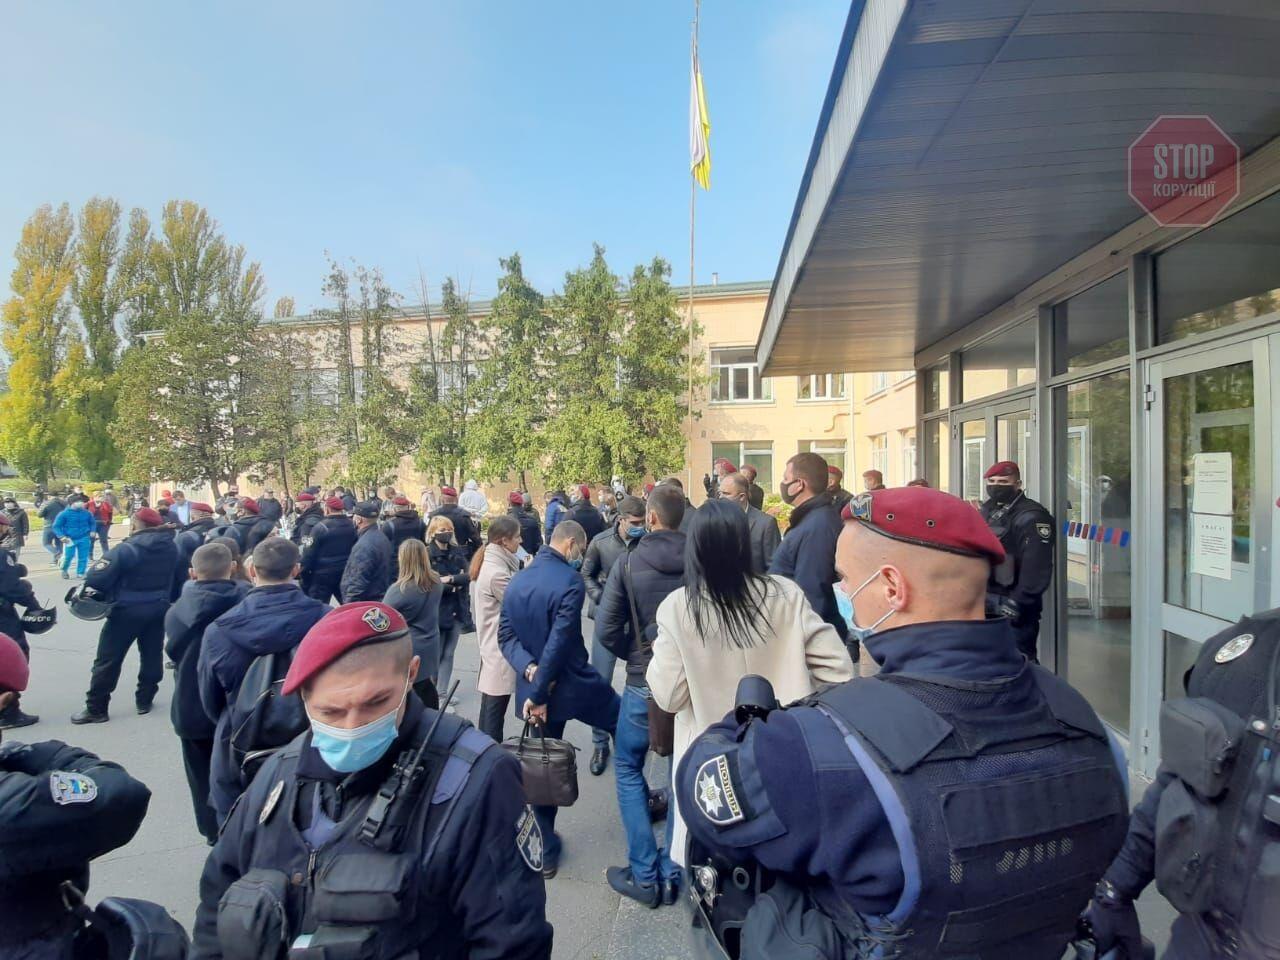 Столкновения и забастовки в колледже Поддубного. Заведение реорганизуют, экс-руководитель – против